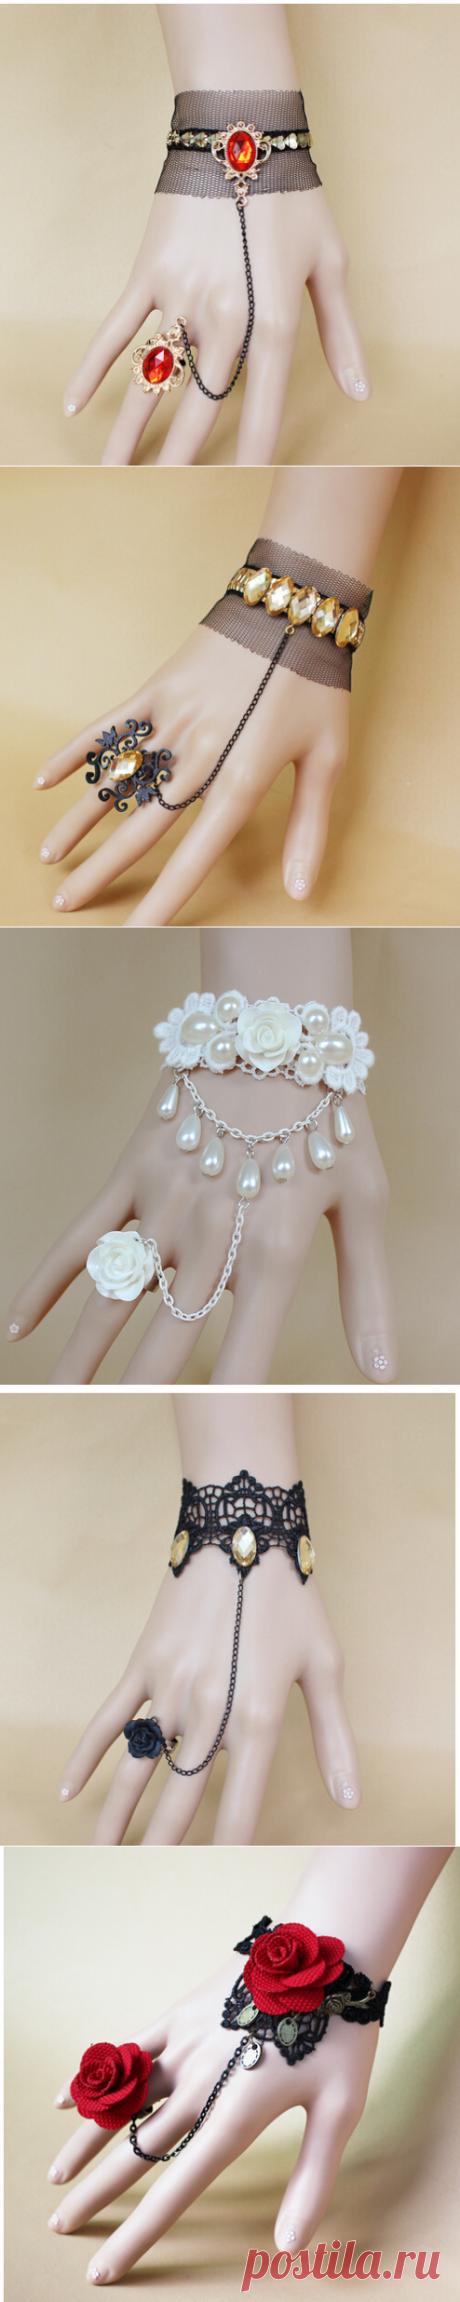 Ручной красная ткань роза готического шнурка повелительницы черный браслет женский палец браслет B61 купить на AliExpress